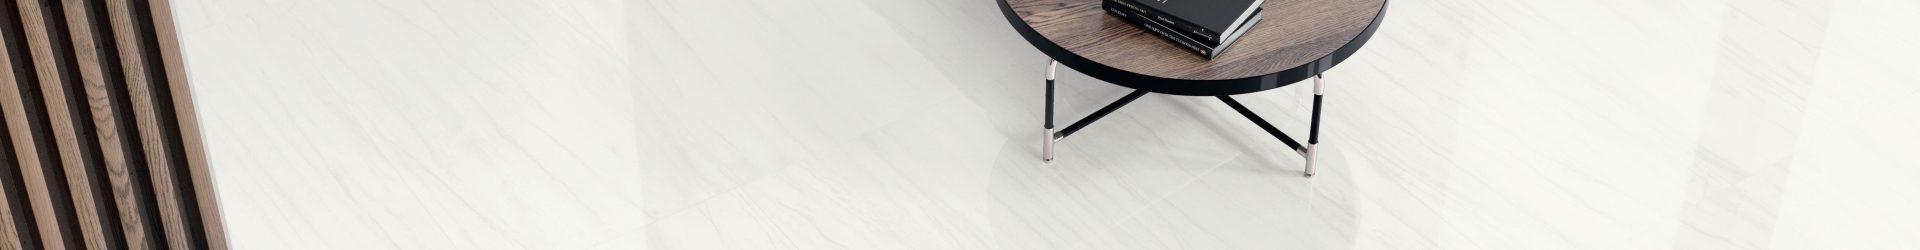 Pavimenti chiari o scuri? Ecco come scegliere colori e materiali